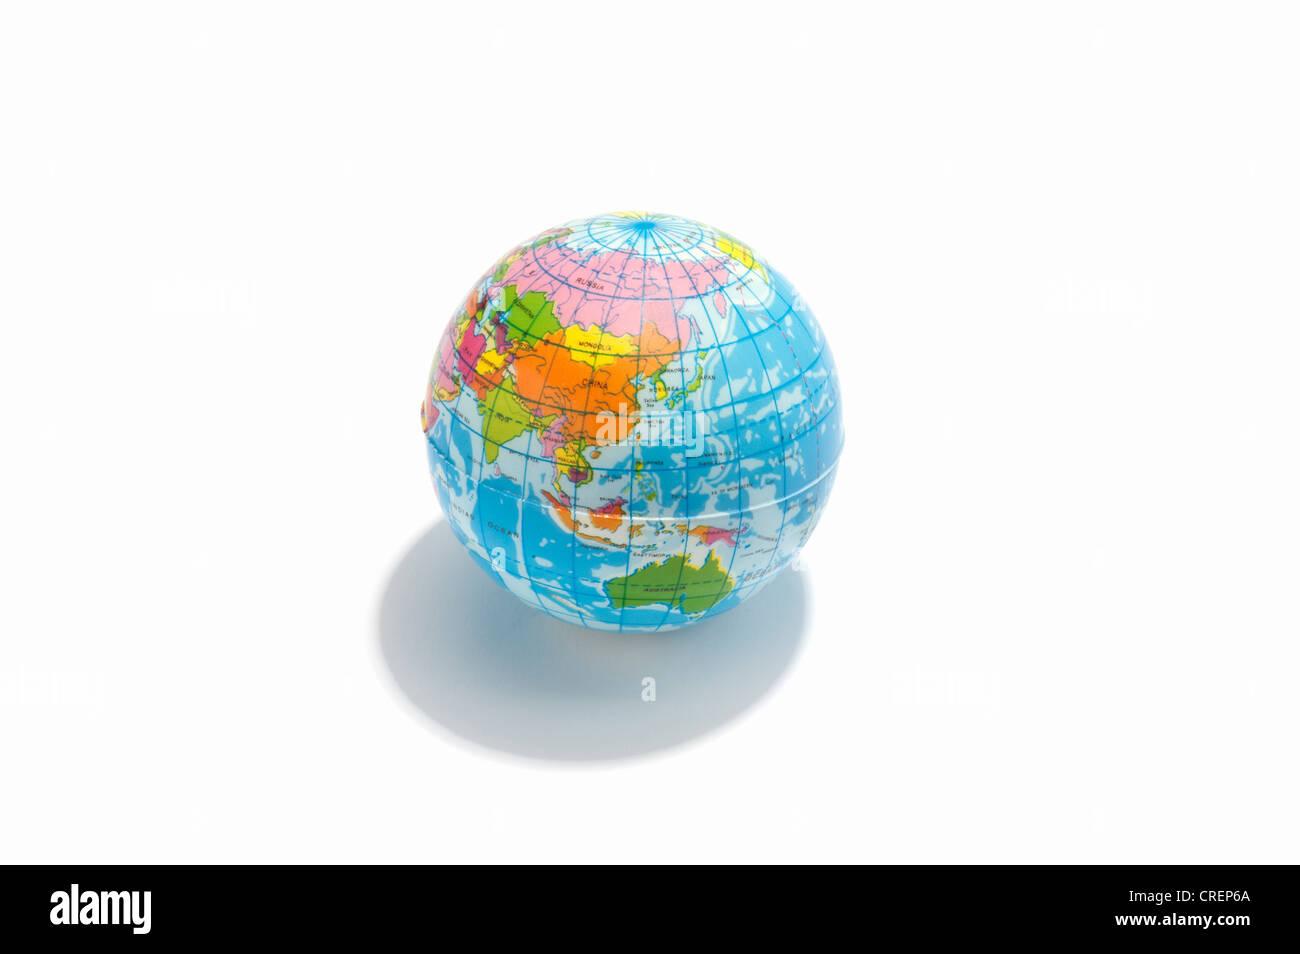 Un globo de juguete, mostrando Asia y Australia Foto de stock